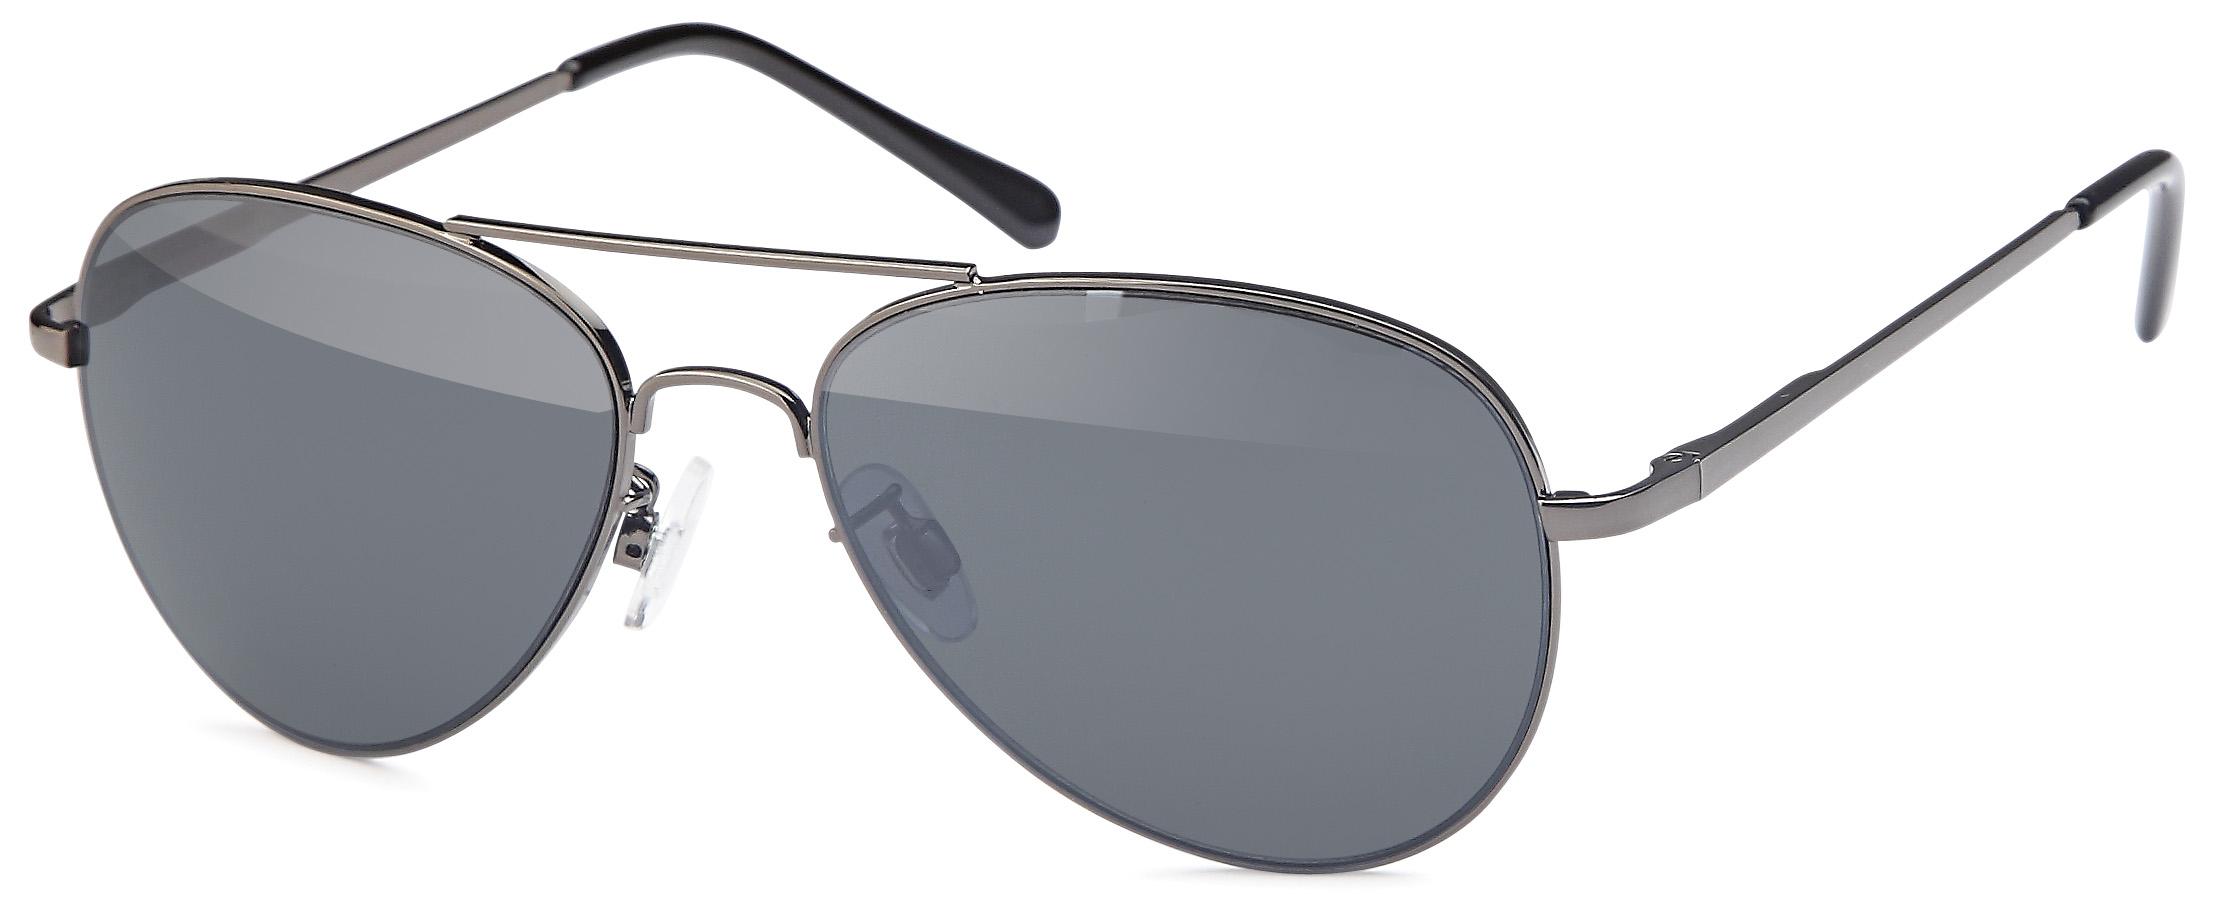 Sonnenbrille B601